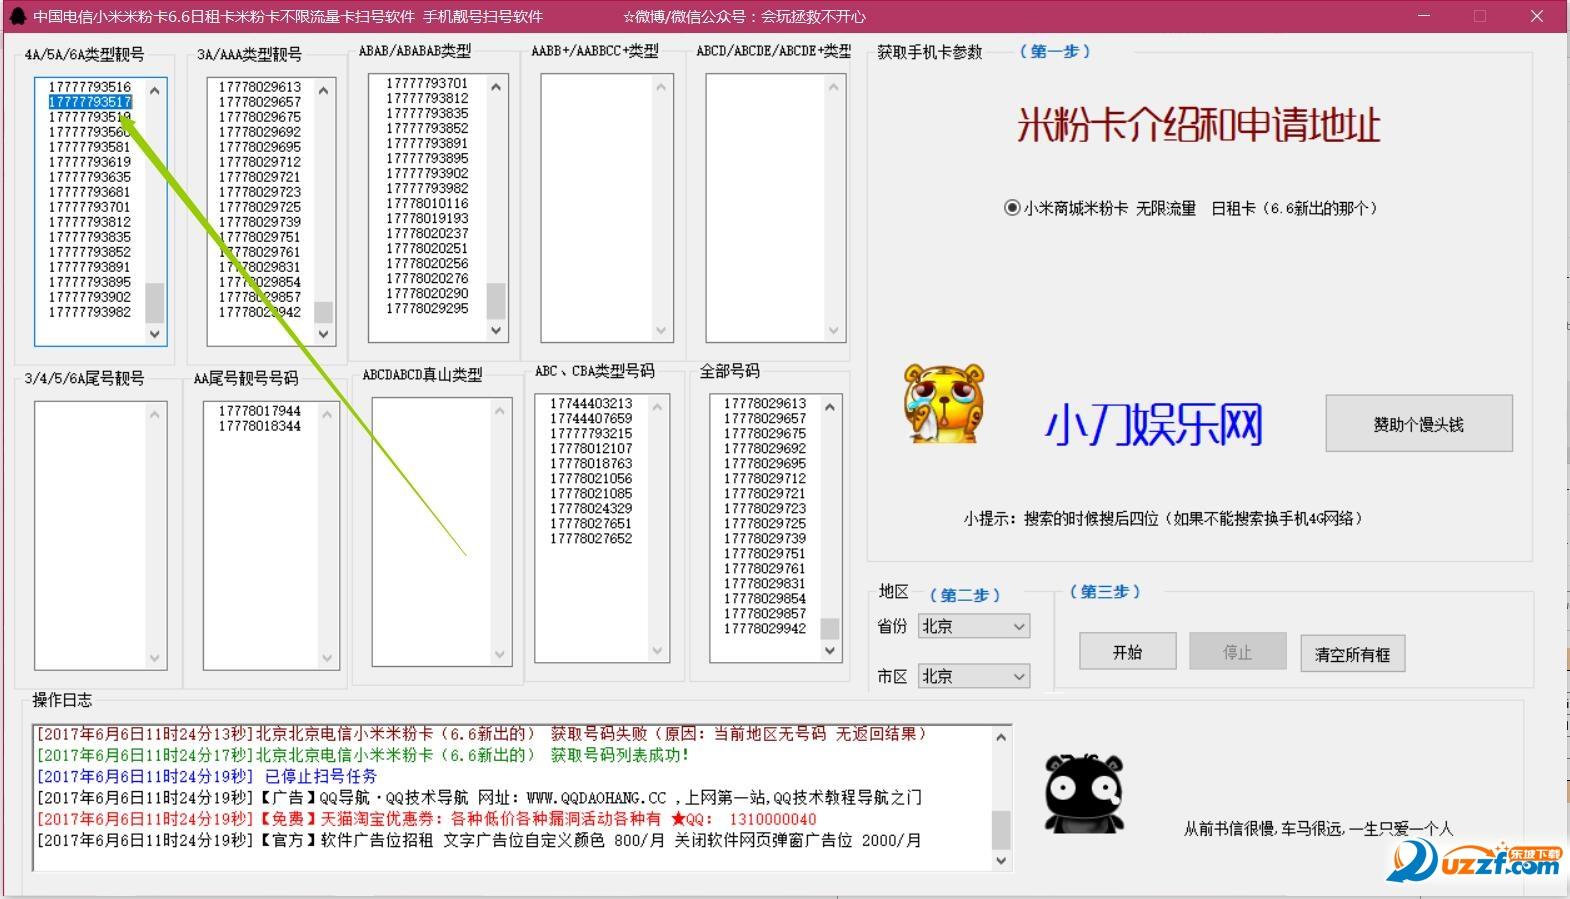 中国电信小米米粉卡不限流量卡扫号软件截图1